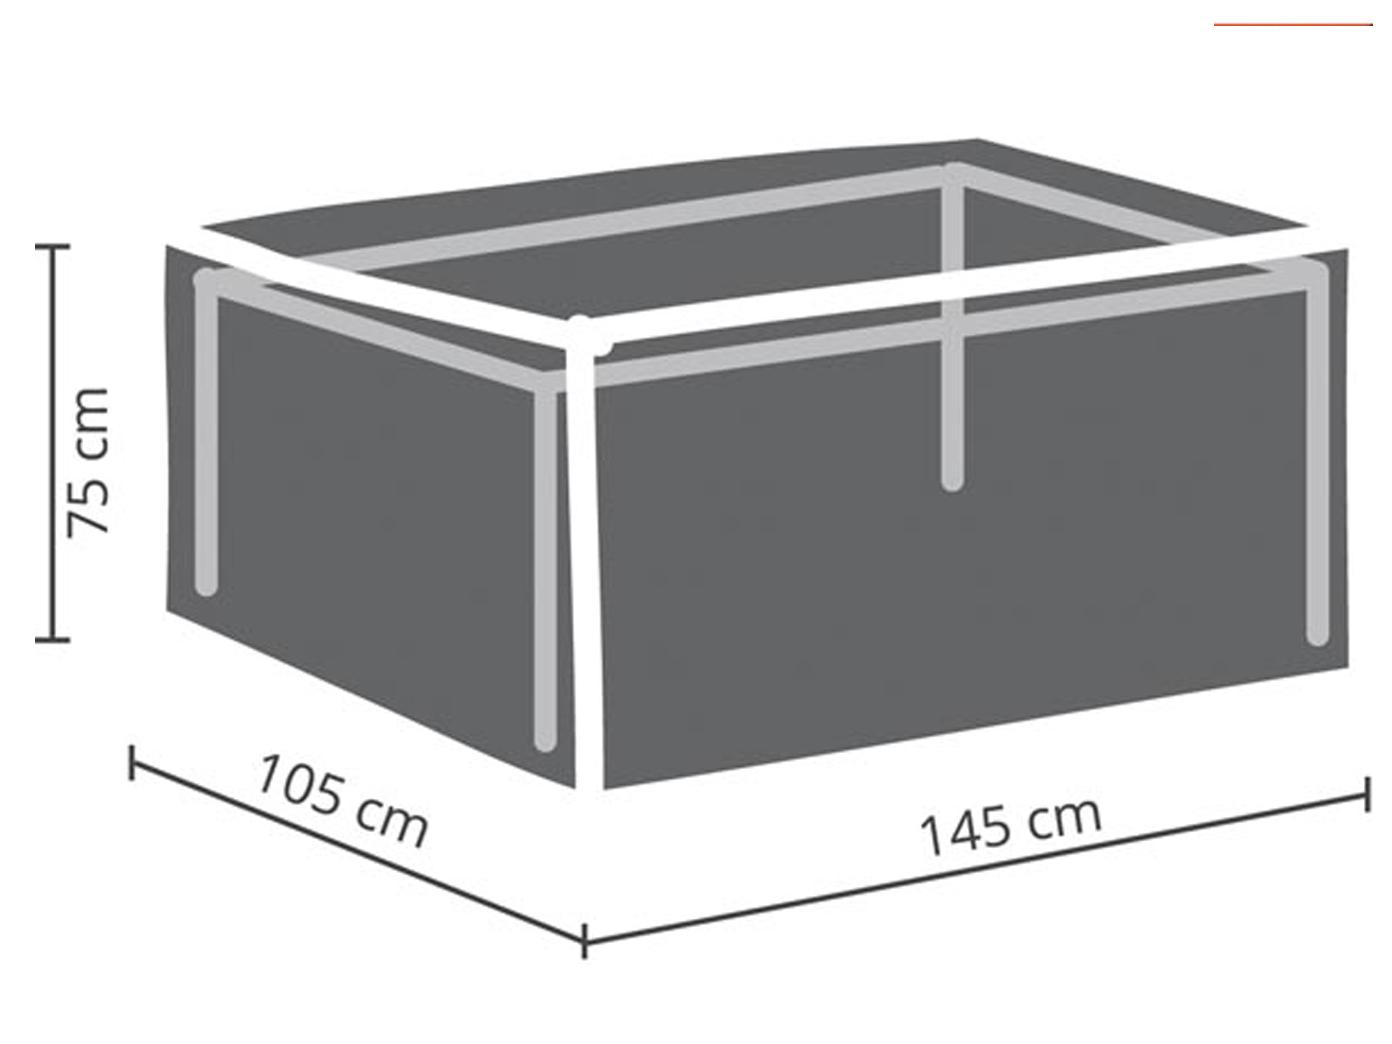 Gartenmobel Schutzhulle Abdeckung Fur Gartentisch Max 140cm